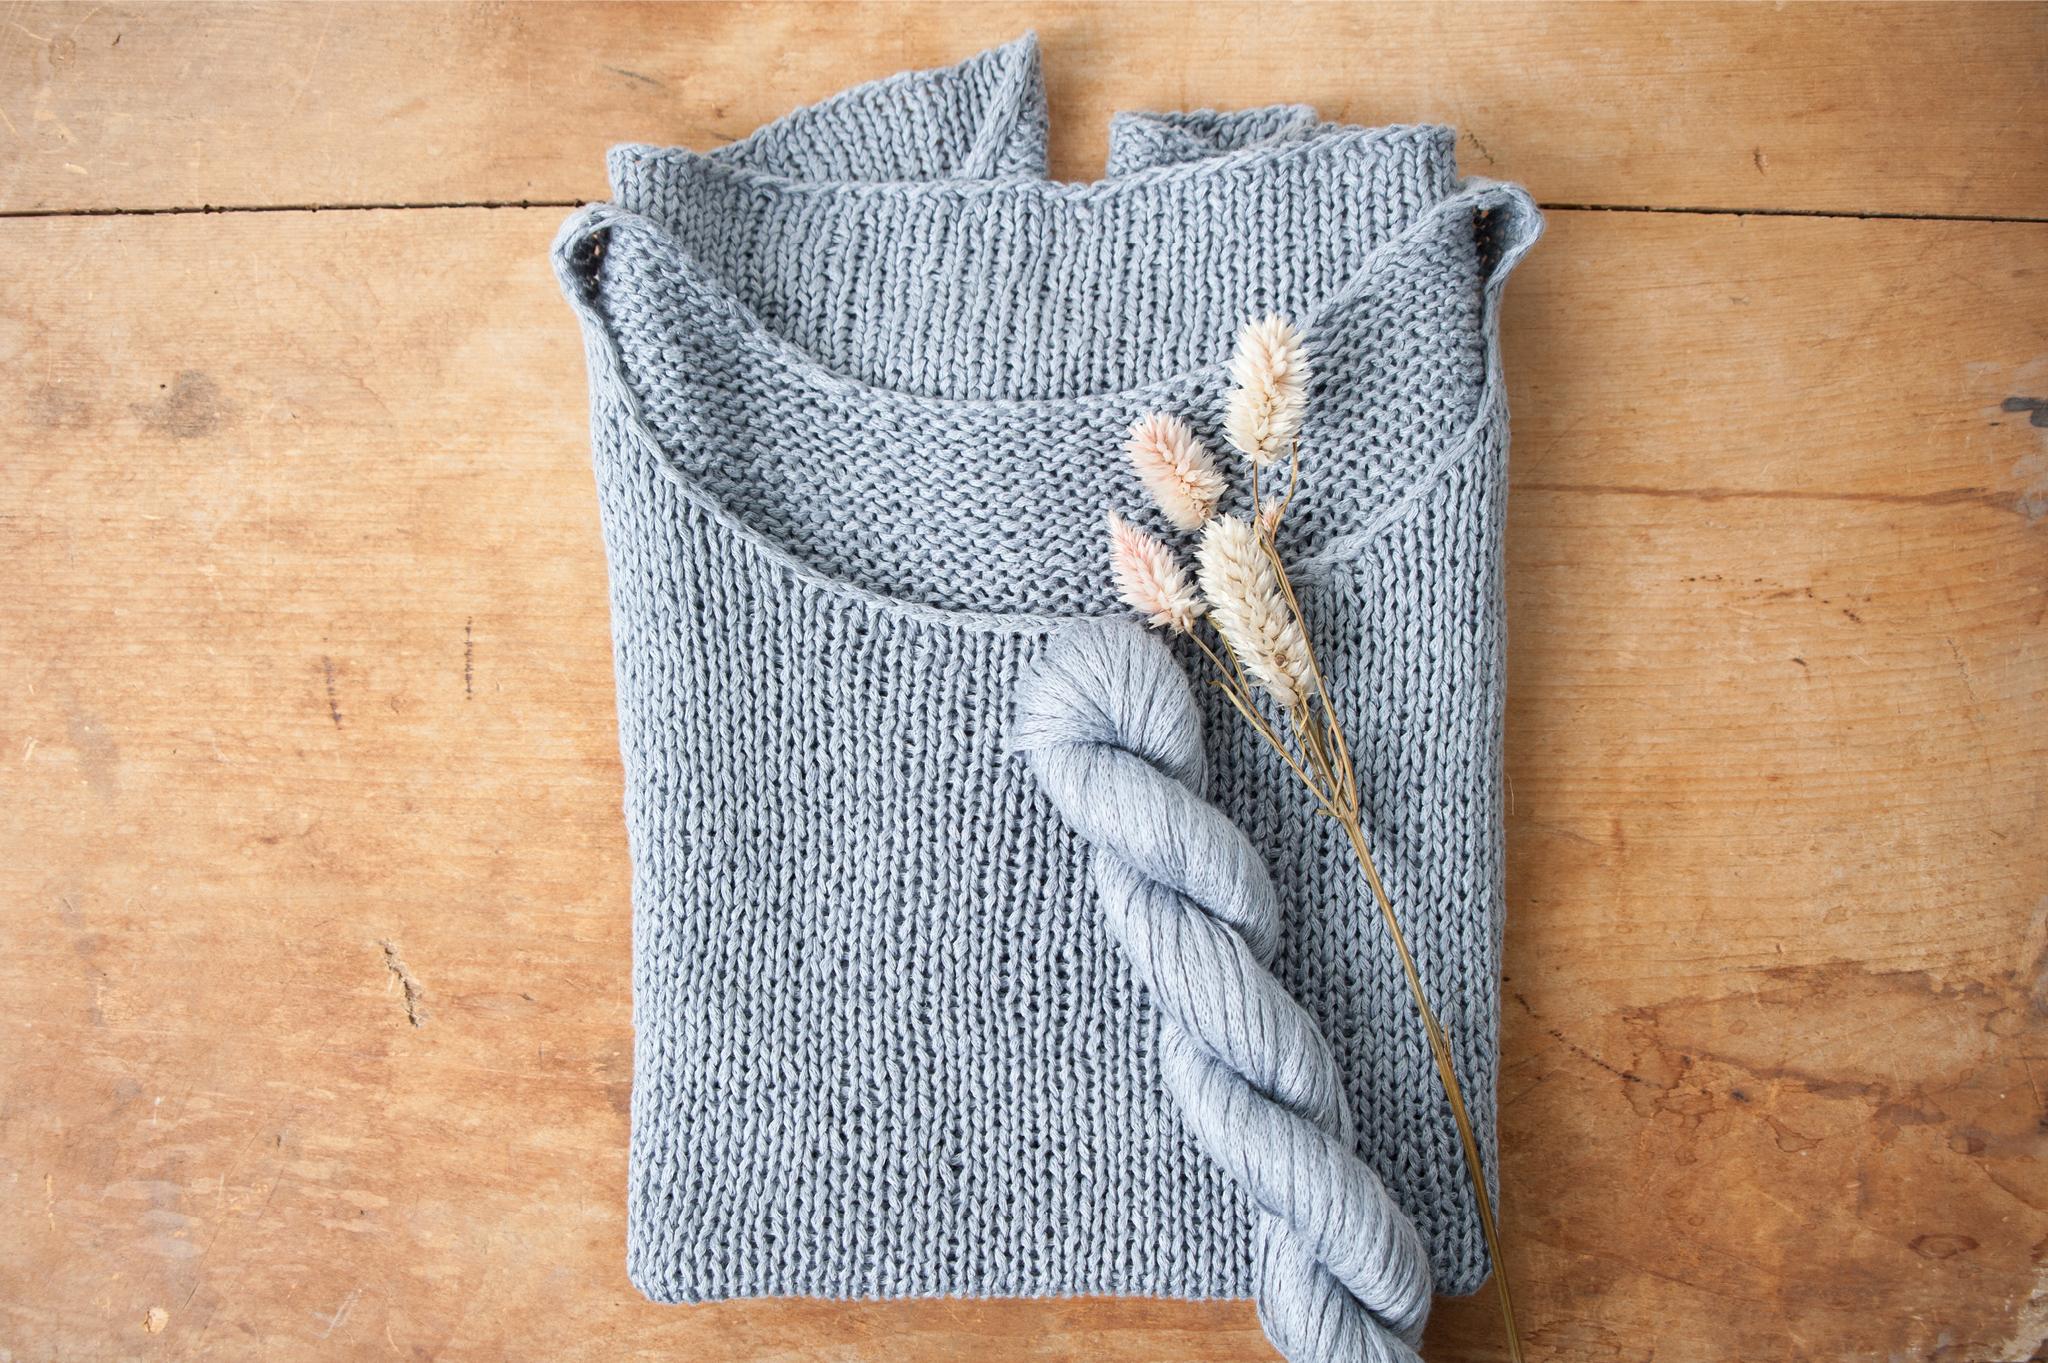 Kestrel Yarn by Quince & Co.